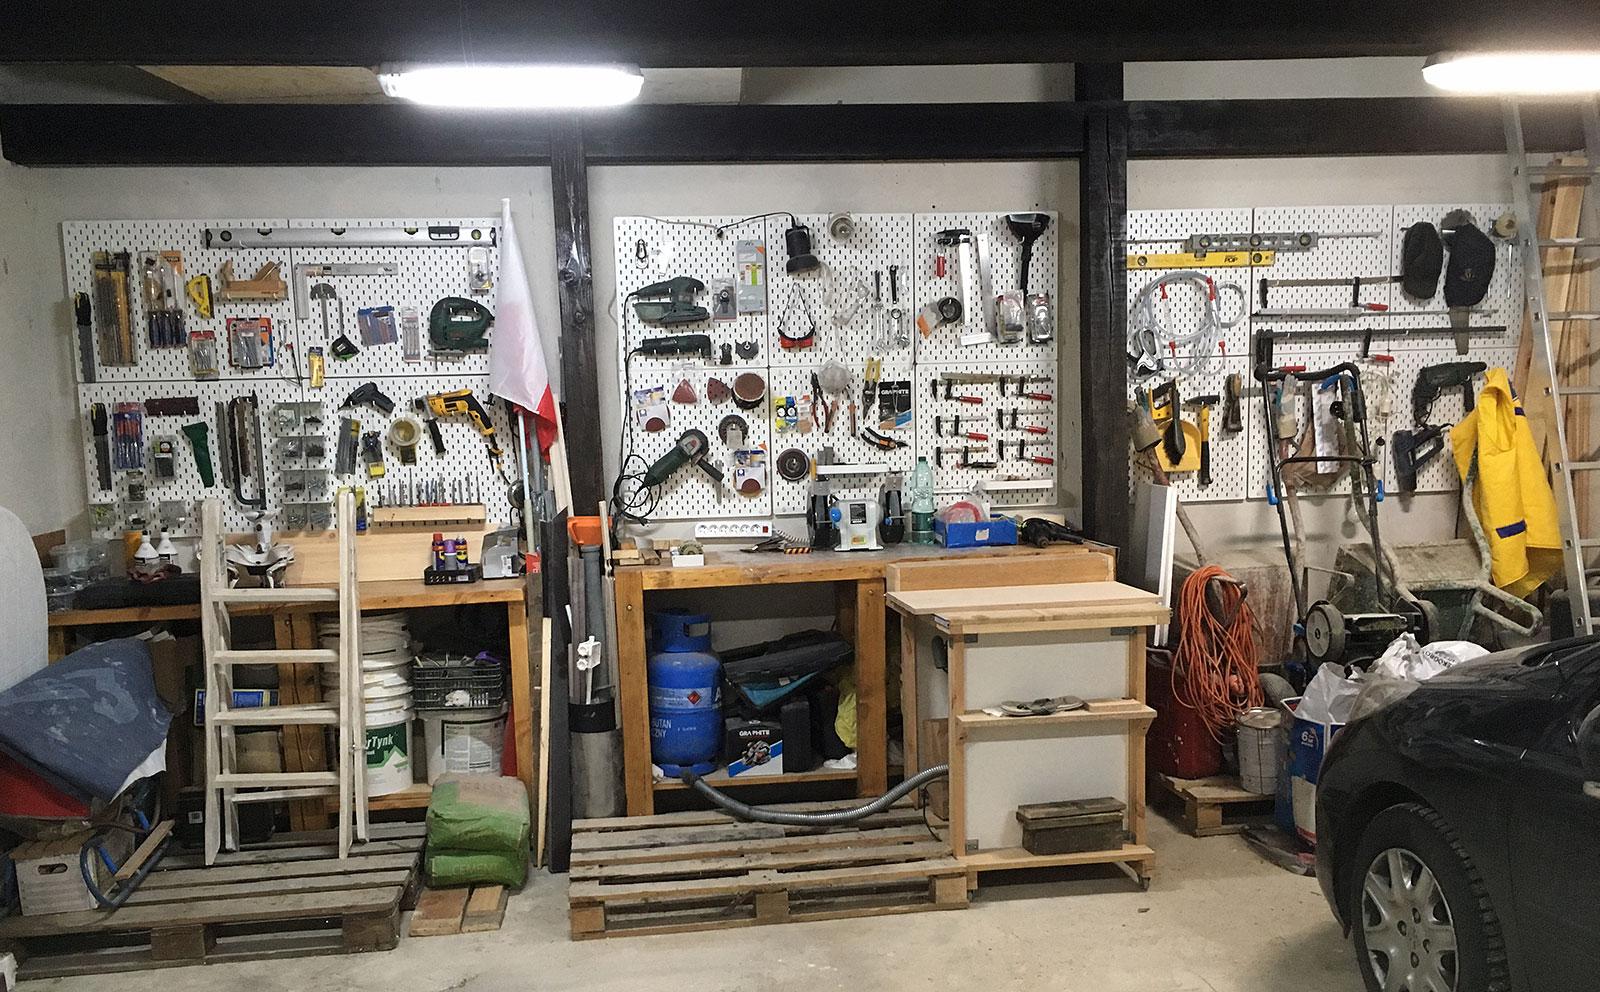 Stół garażowy, ścianka z narzędziami